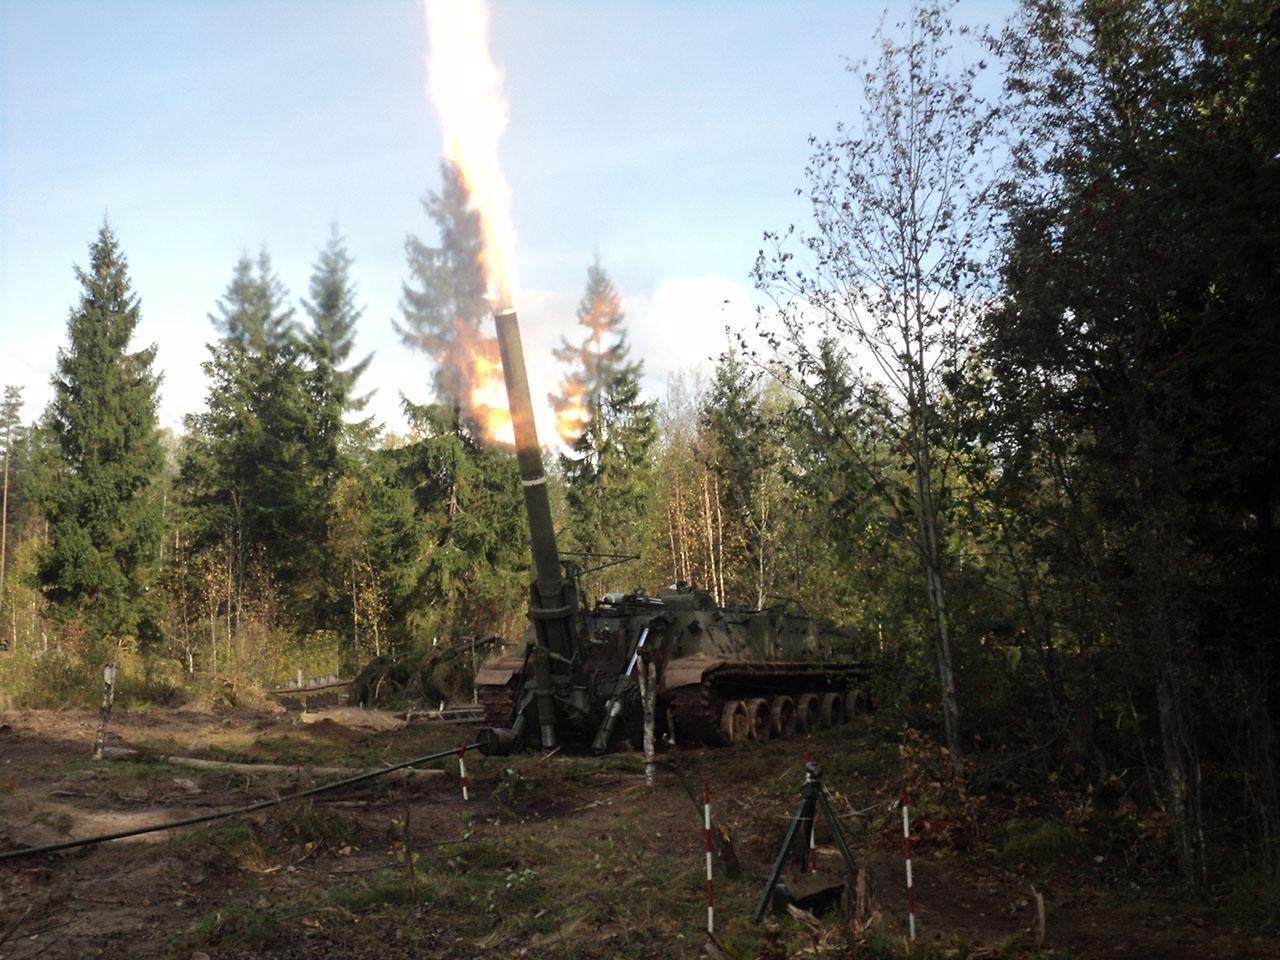 Гаубица - самое эффективное оружие при штурме железобетонных укреплений и в уличных городских боях.